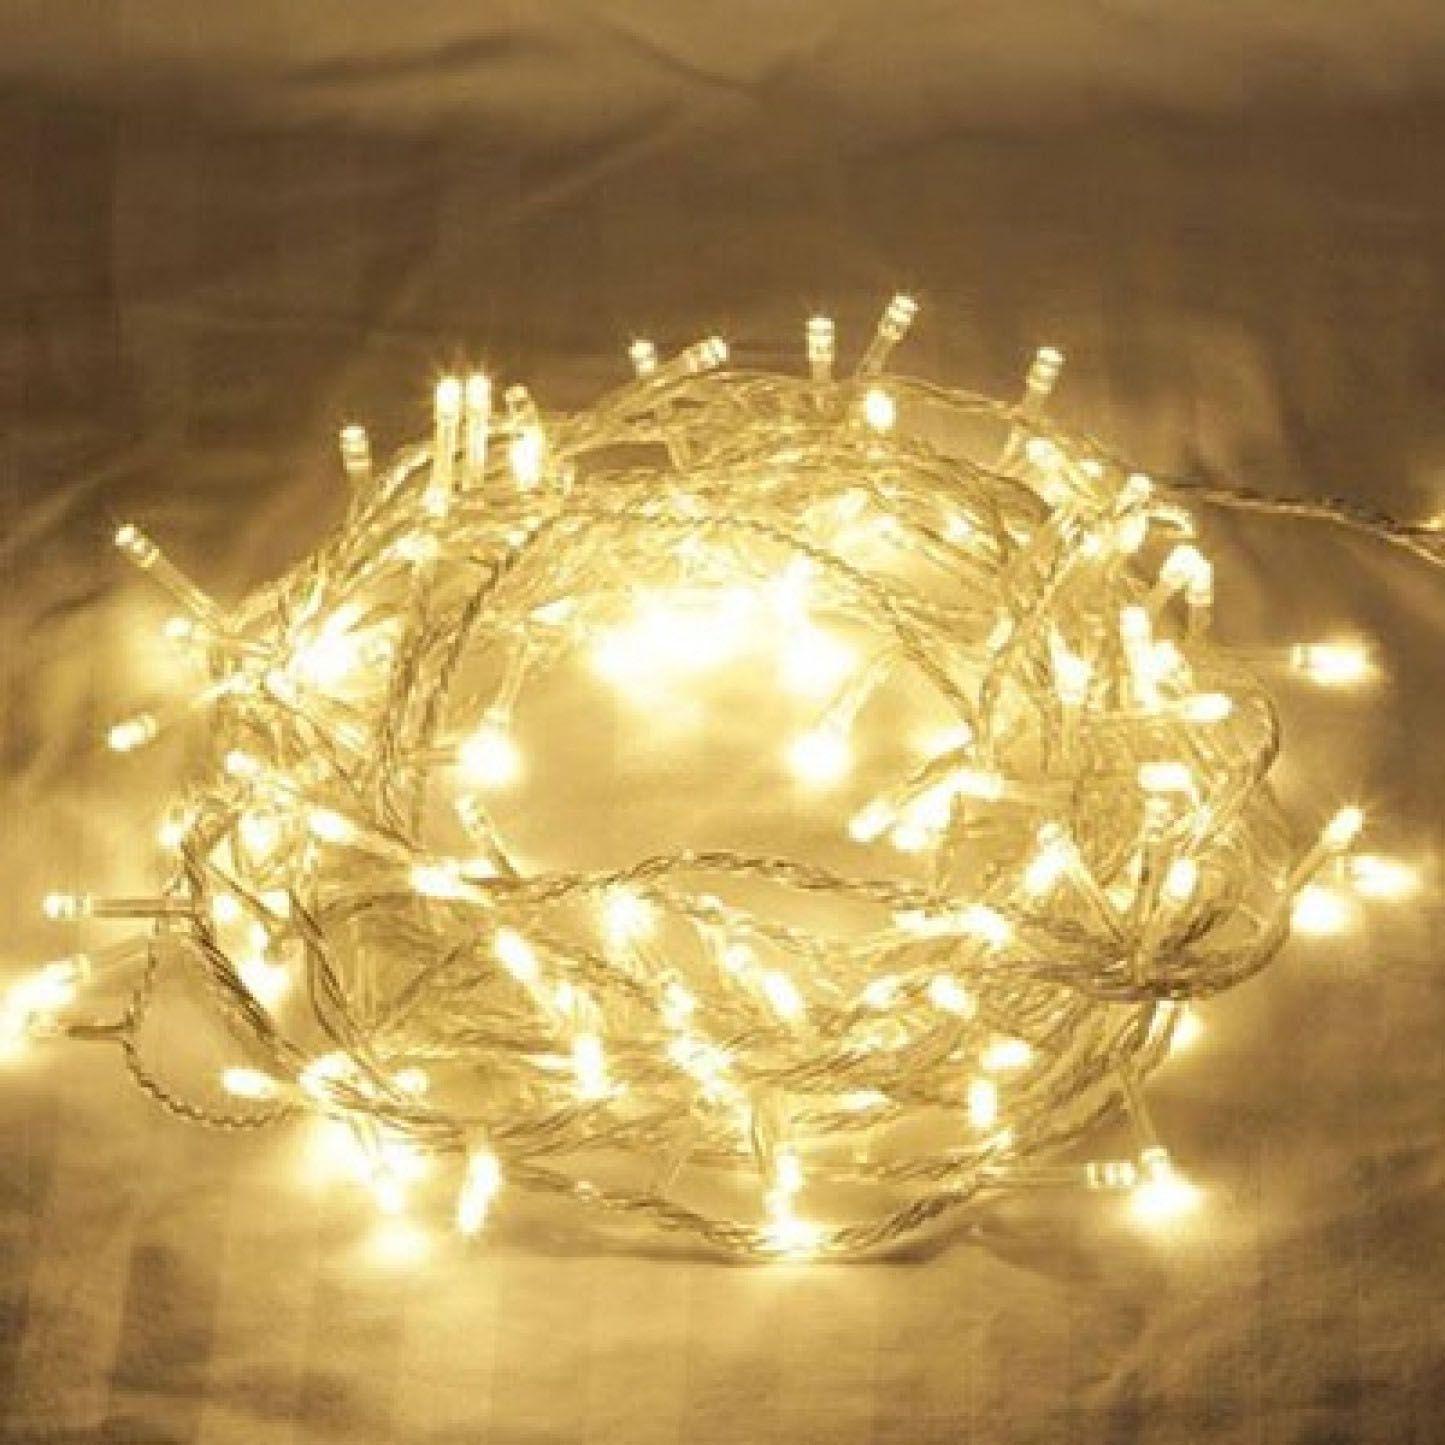 Pisca Pisca Branco Quente Led Micro Lampadas 1 strobo fio Transparente - Fixo - Comp. 9,50mts